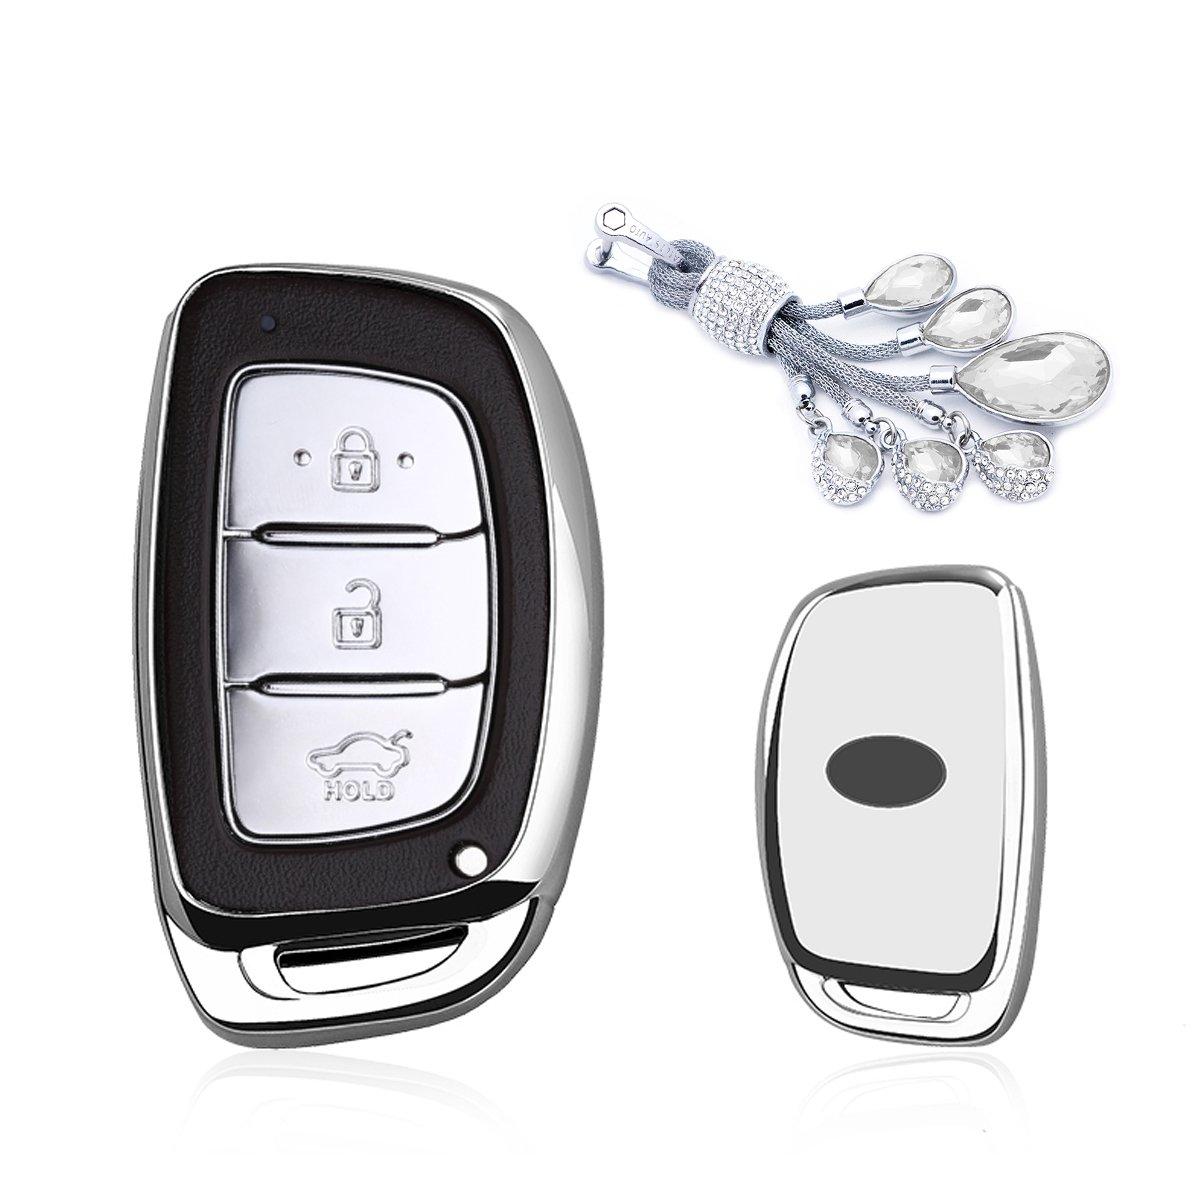 カイゼンキーレスエントリーリモートキーFobカバーソフトTPUケースwithダイヤモンドタッセルキーチェーン用ヒュンダイエラントラSonata Avanteアクセントix35 Verna Solaris 3-buttonsスマートキー Smart key cover+tassel keychain シルバー TPUKC468 B07CNMJKHC  シルバー Smart key cover+tassel keychain